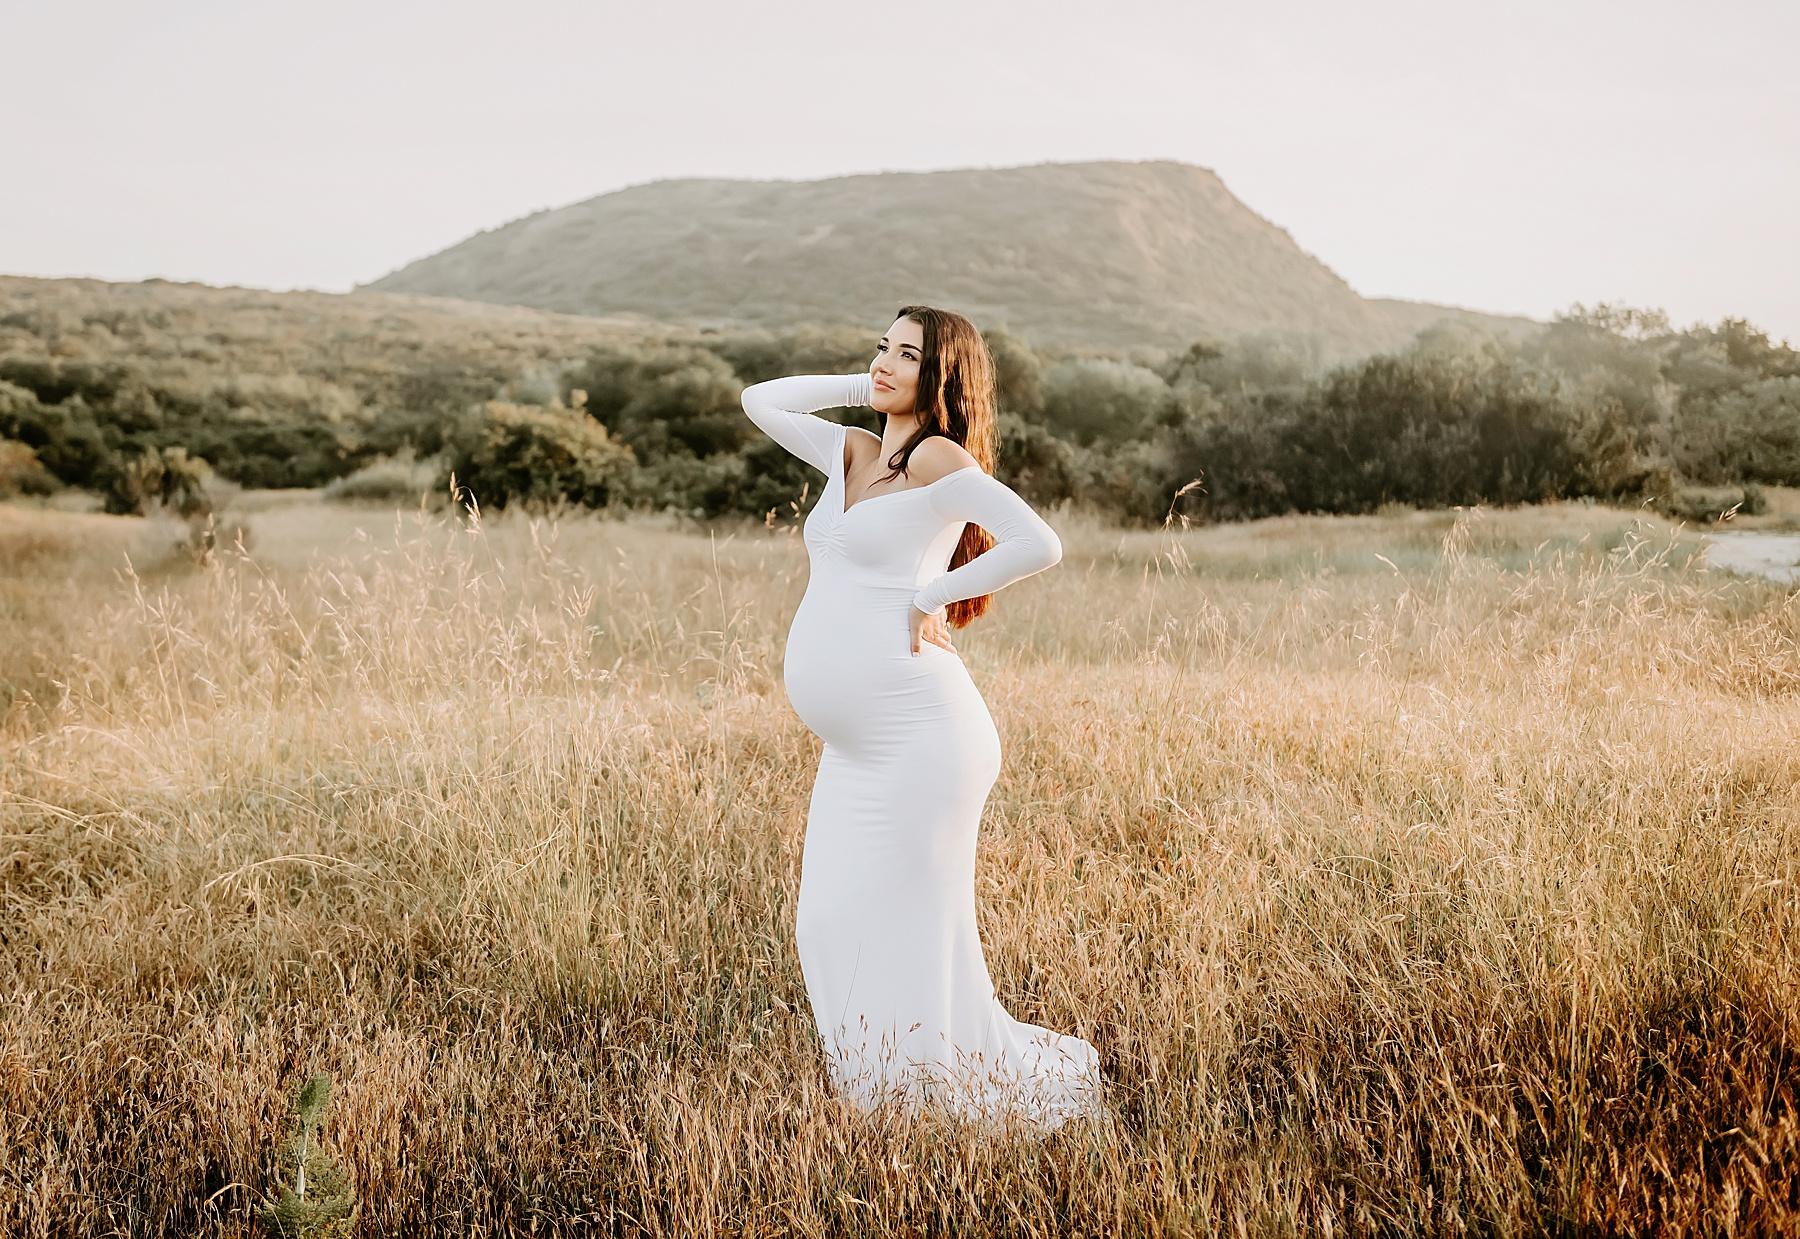 pregnancy photos in tall grass pose idea